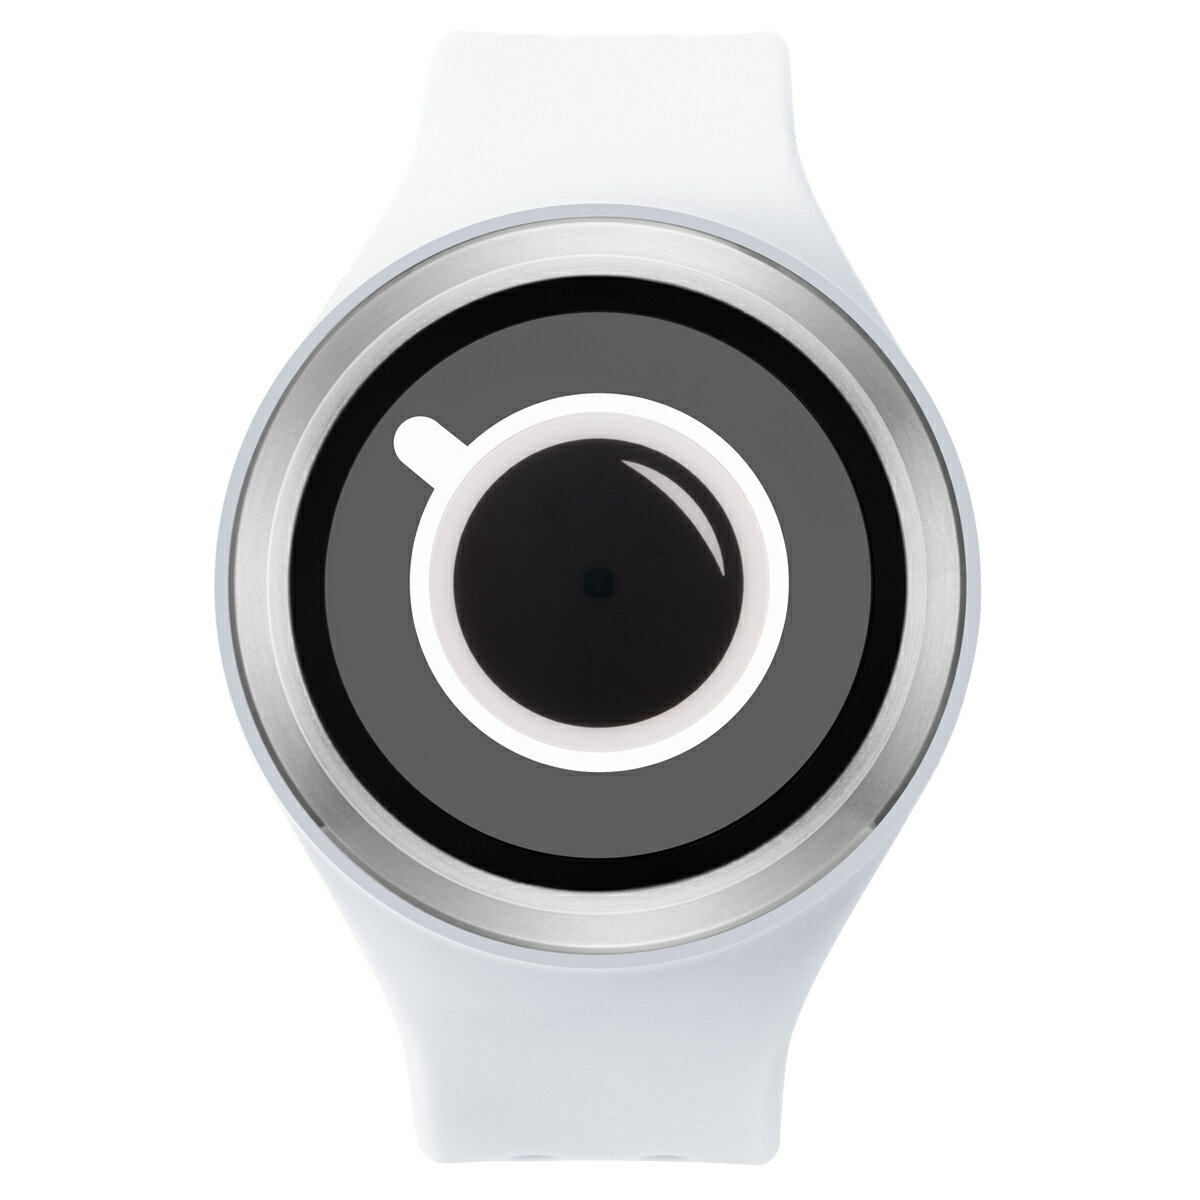 ZEROO COFFEE TIME ゼロ 電池式クォーツ 腕時計 [W00302B01SR01] ホワイト デザインウォッチ ペア用 メンズ レディース ユニセックス おしゃれ時計 デザイナーズ